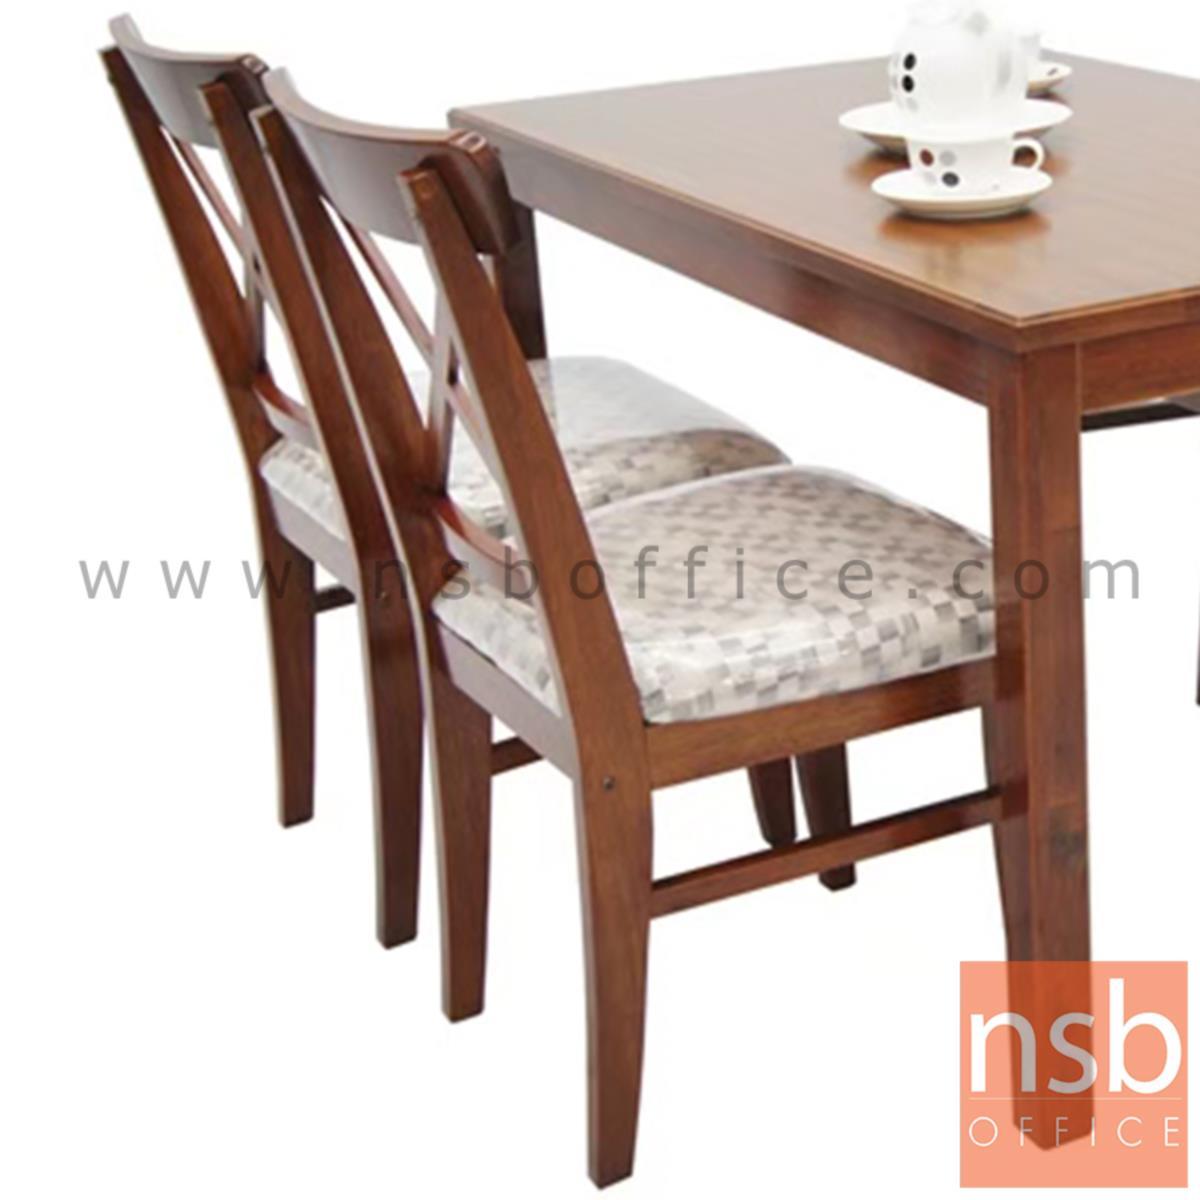 B22A153:เก้าอี้ไม้ที่นั่งหนังเทียม รุ่น HAR  ขาไม้